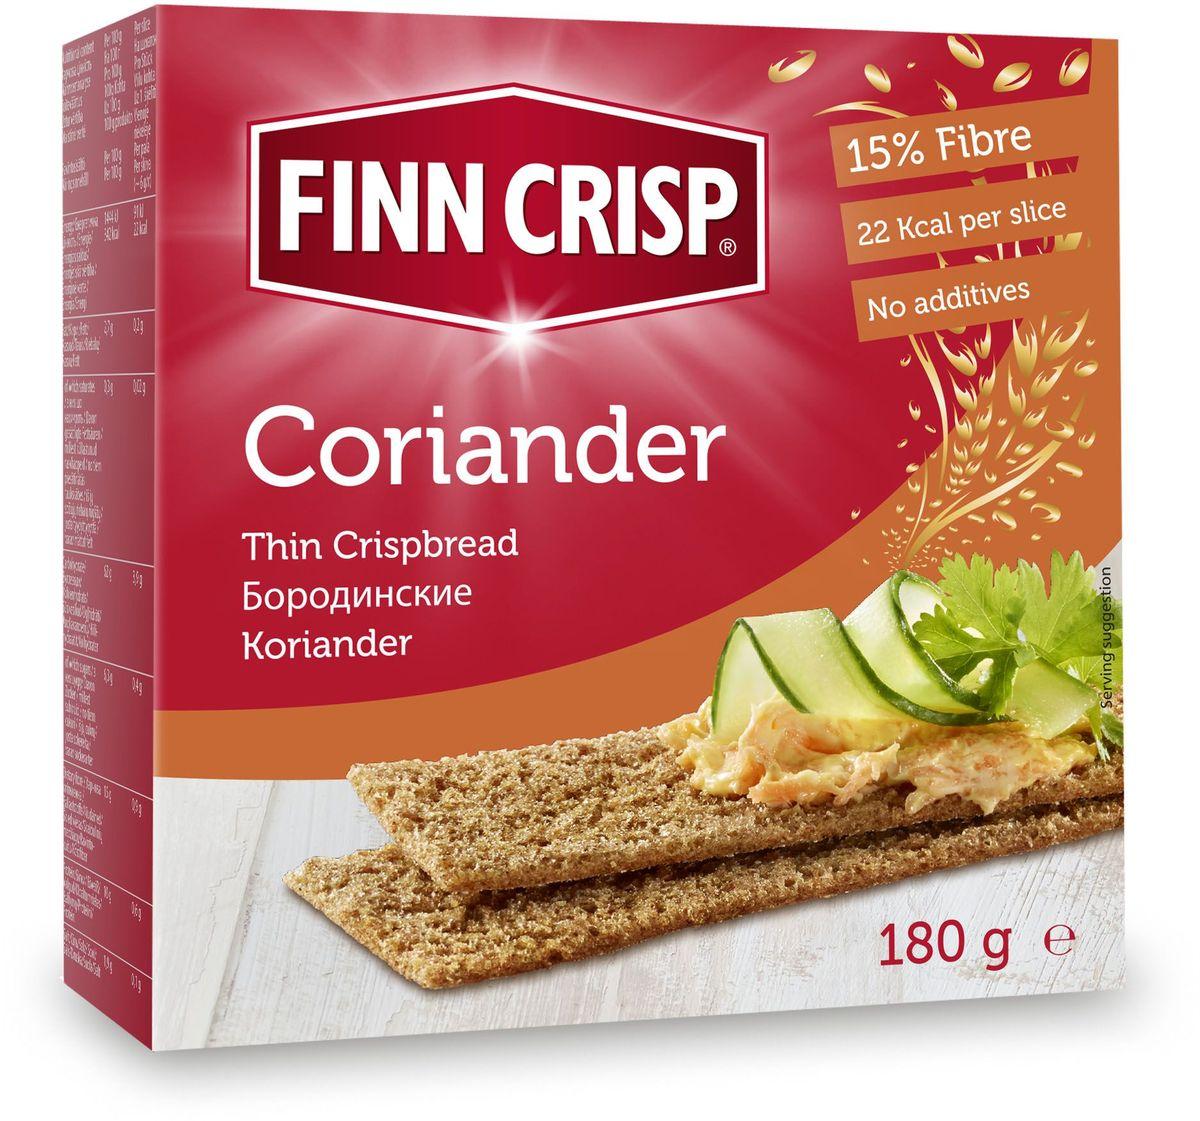 Finn Crisp Coriander хлебцы бородинские с кориандром, 180 г